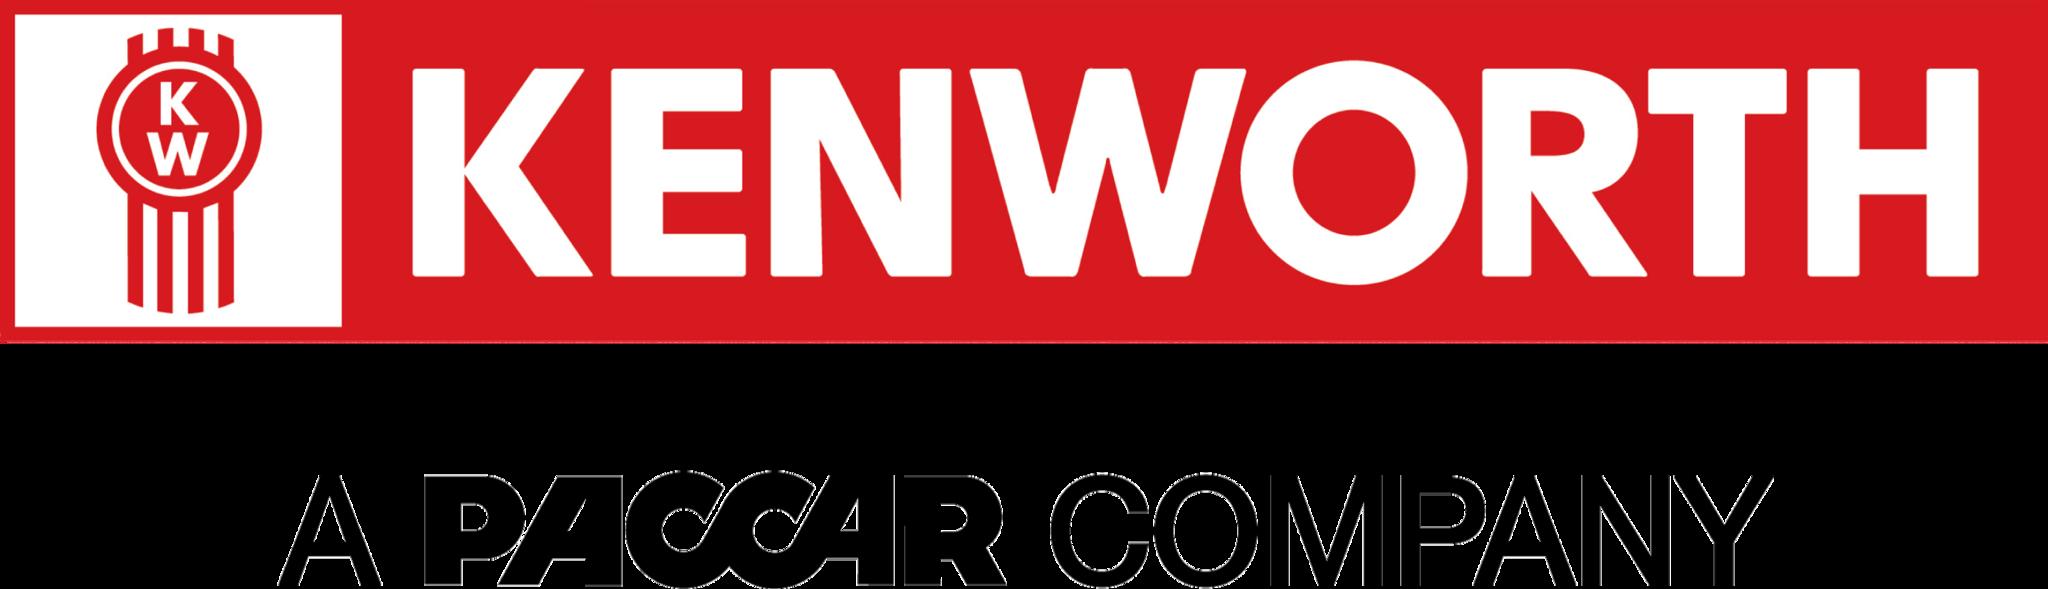 Kenworth Haut-Richelieu Inc à Saint-Jean-Sur-Richelieu: Kenworth - A PACCAR Company